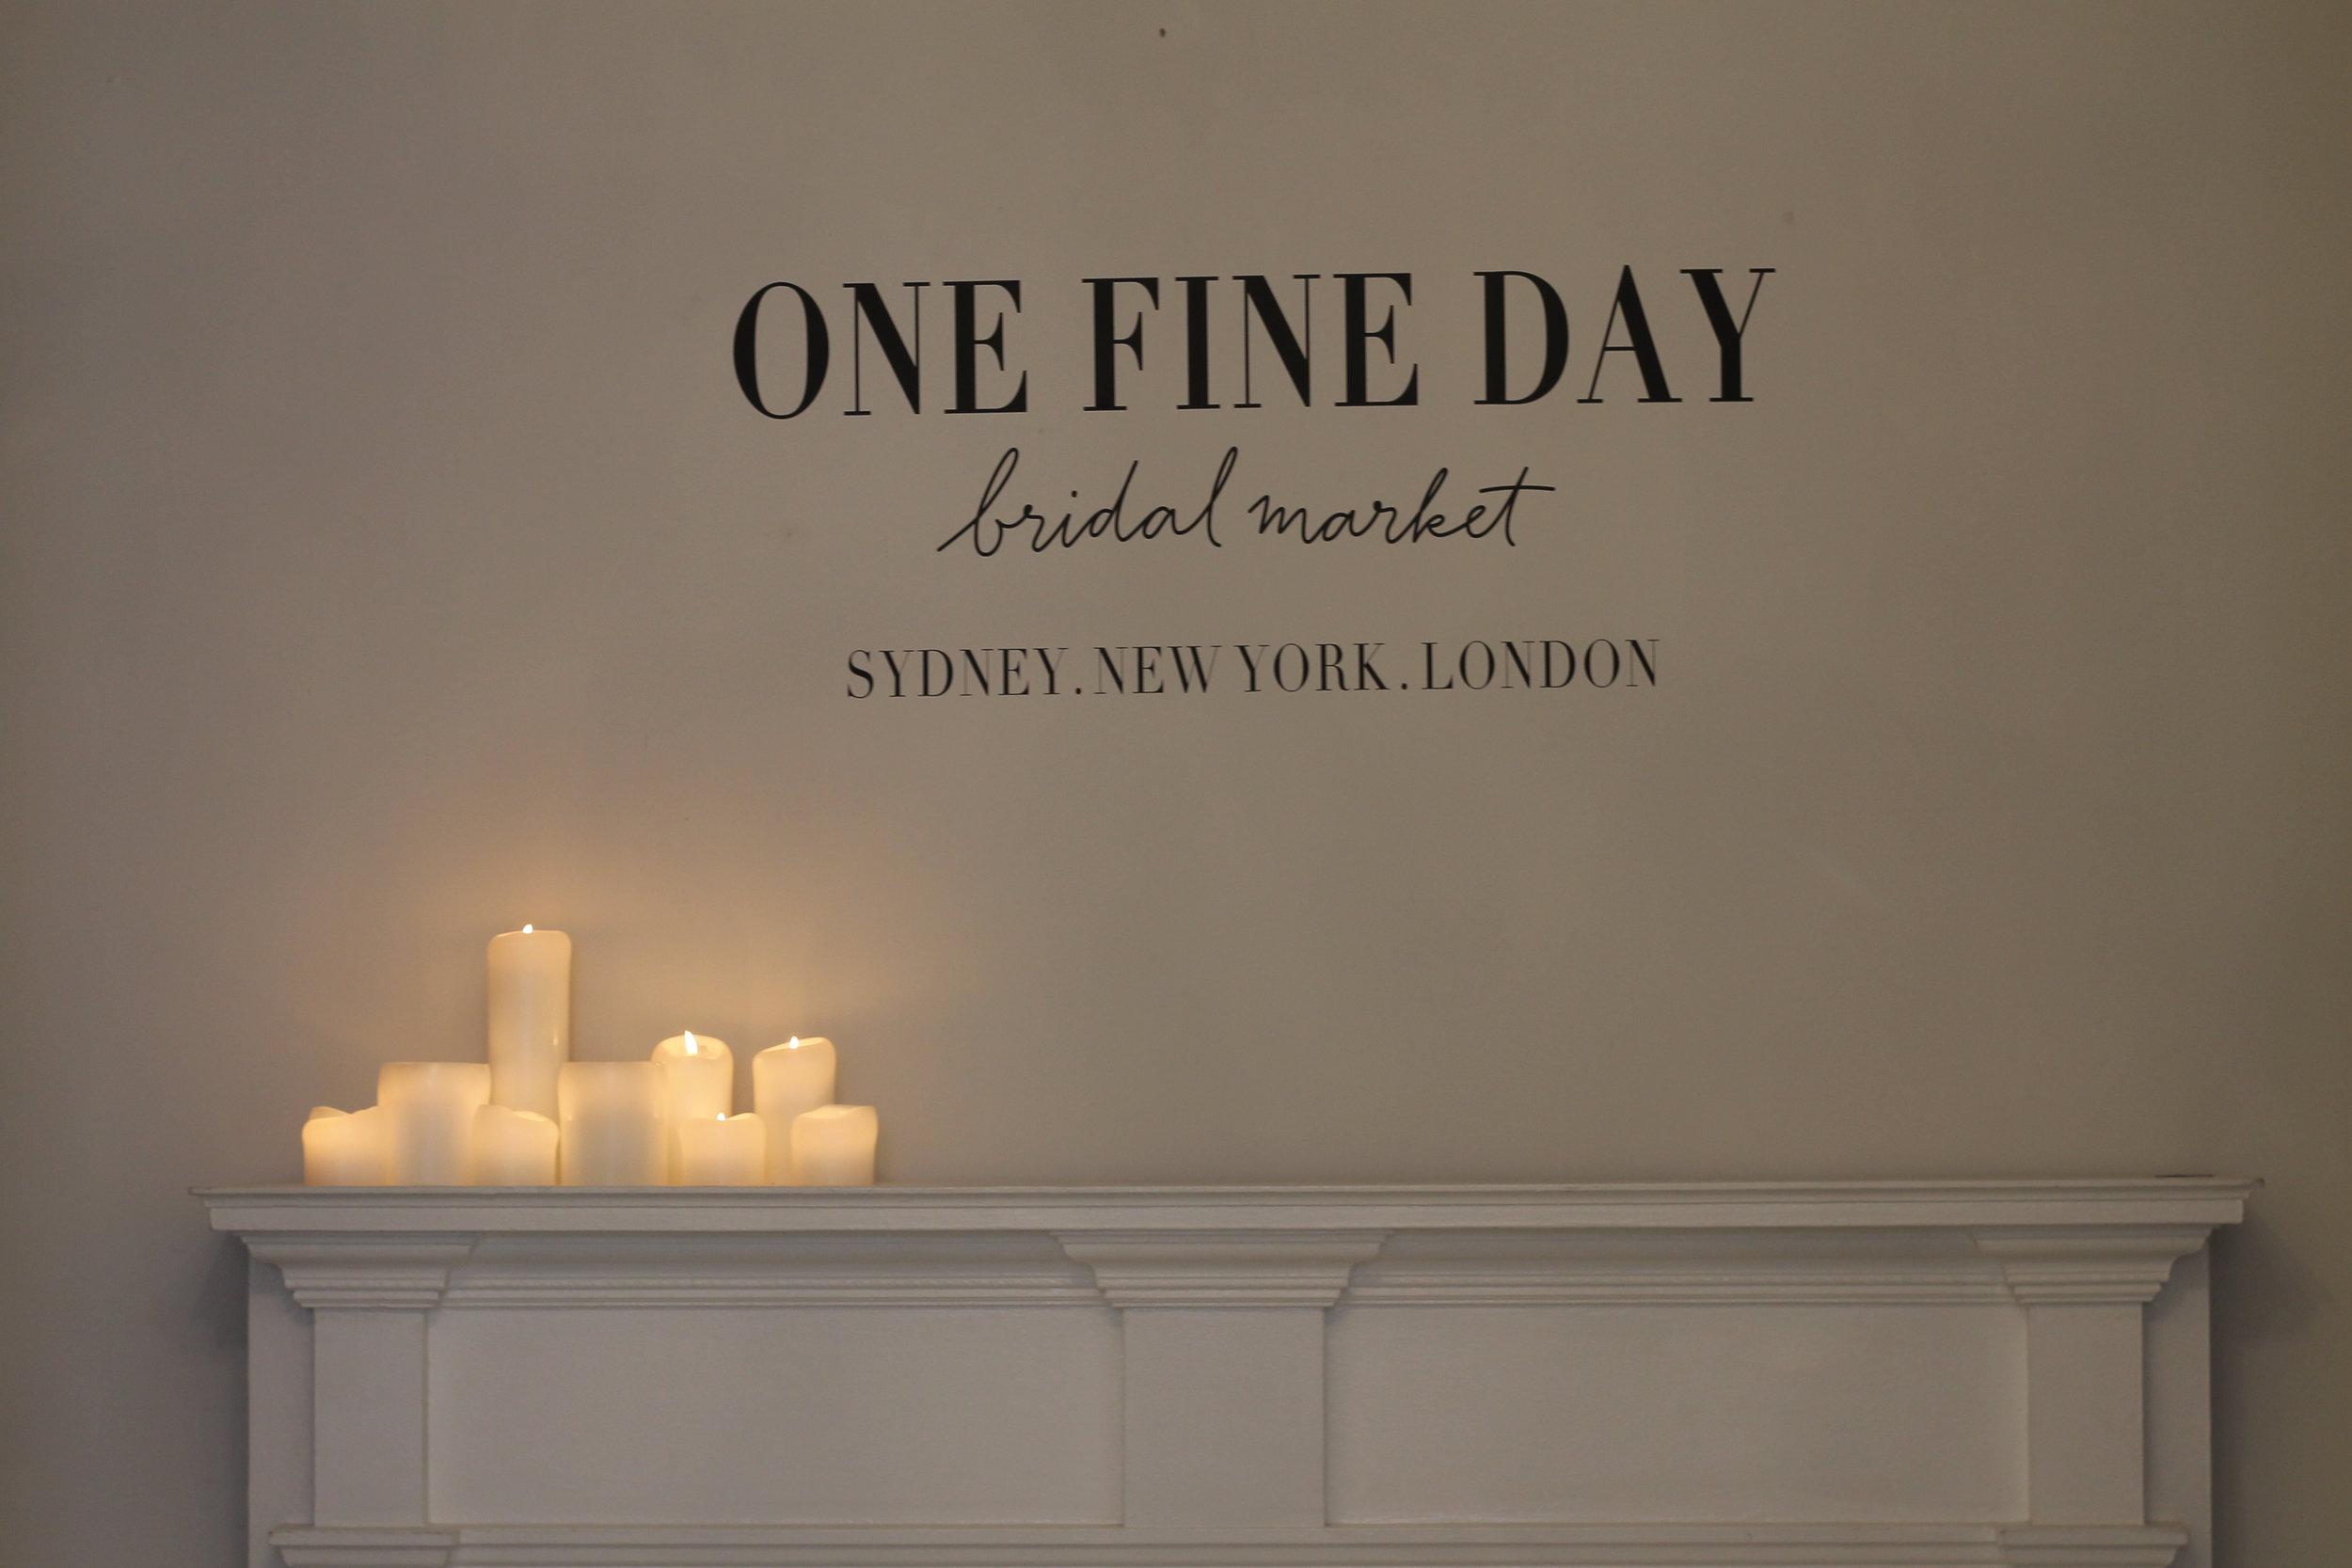 Deux fois par an à New York - One Fine Day Bridal Market regroupe les plus grands wedding designers du monde de la mode venant des Etats-Unis, Canada, Australie et Royaume-Uni.